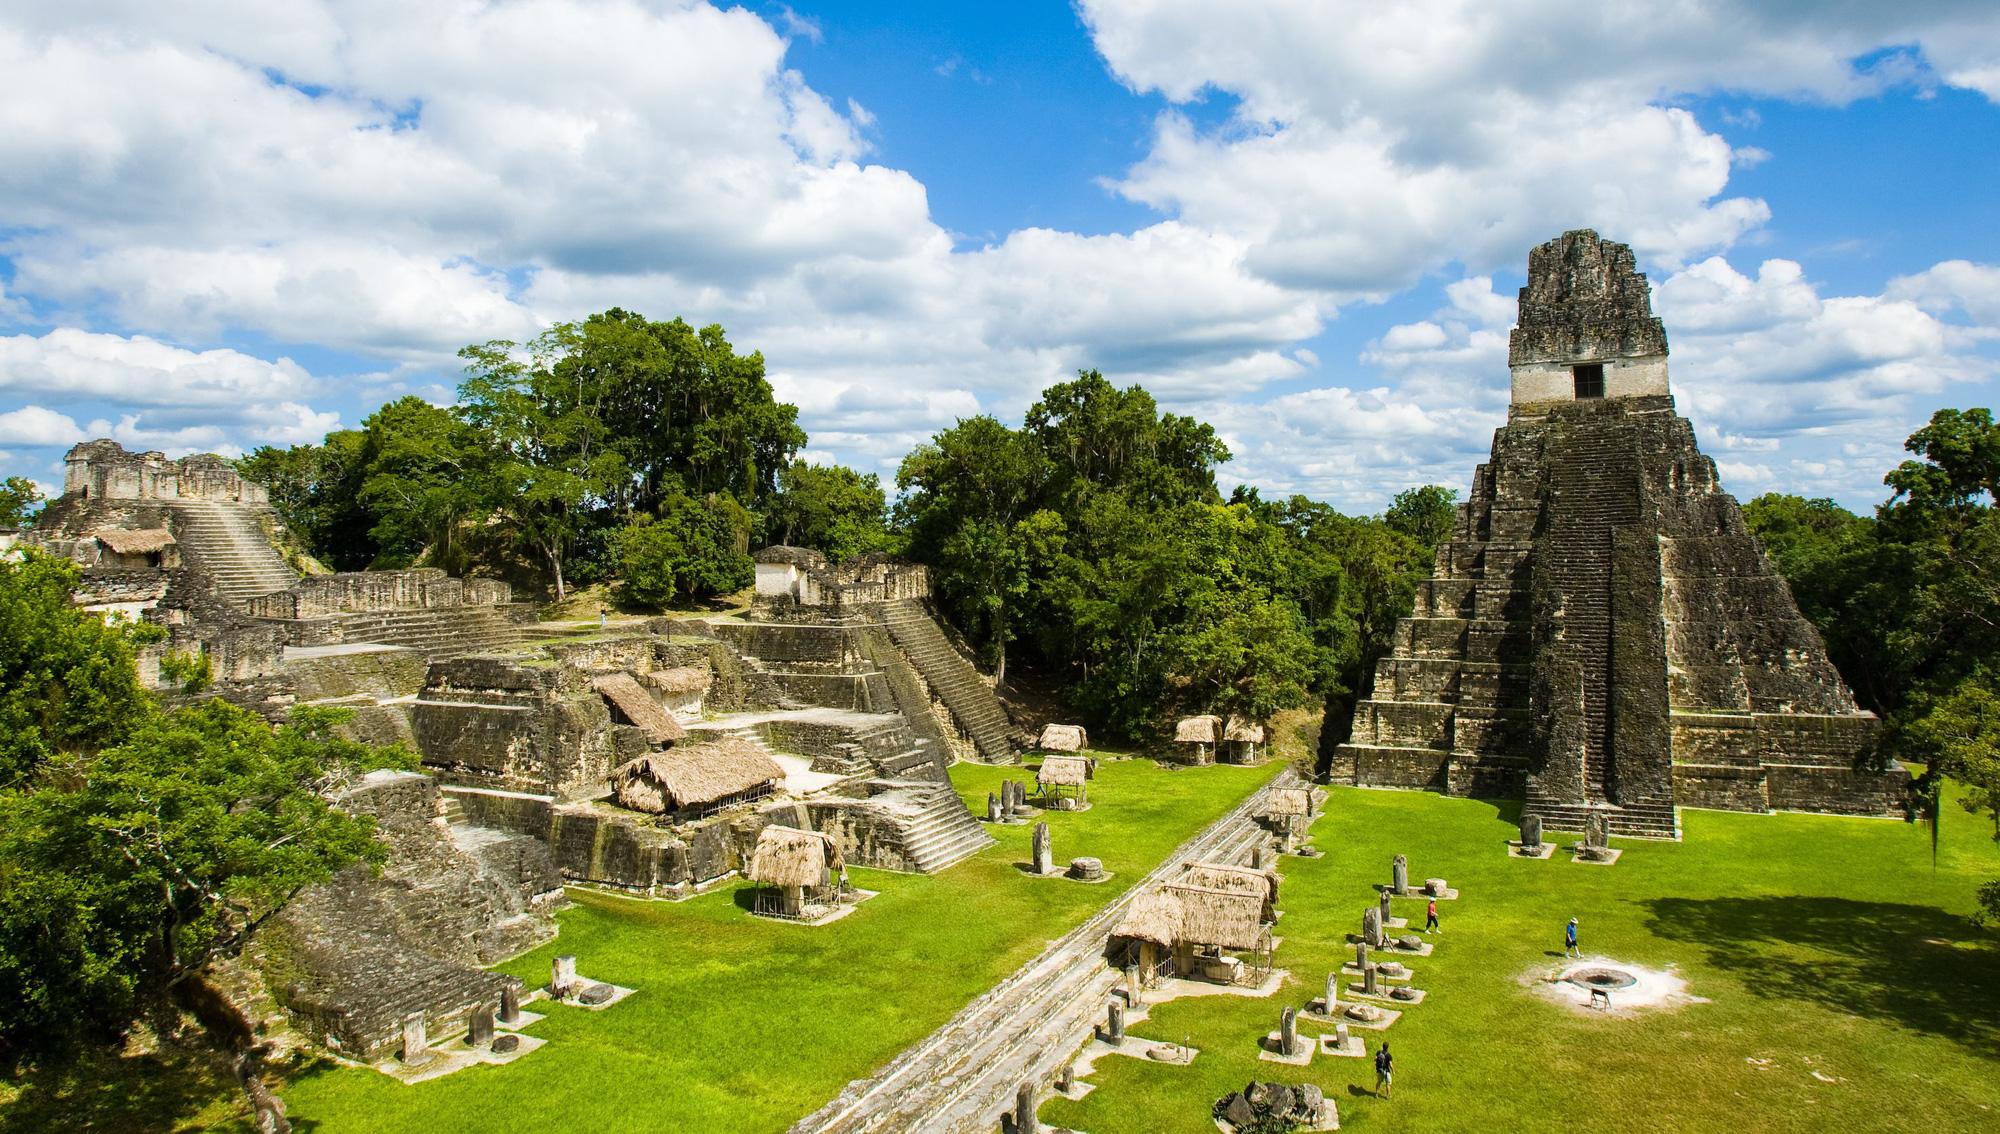 8 công trình kiến trúc kim tự tháp độc đáo - Ảnh 6.